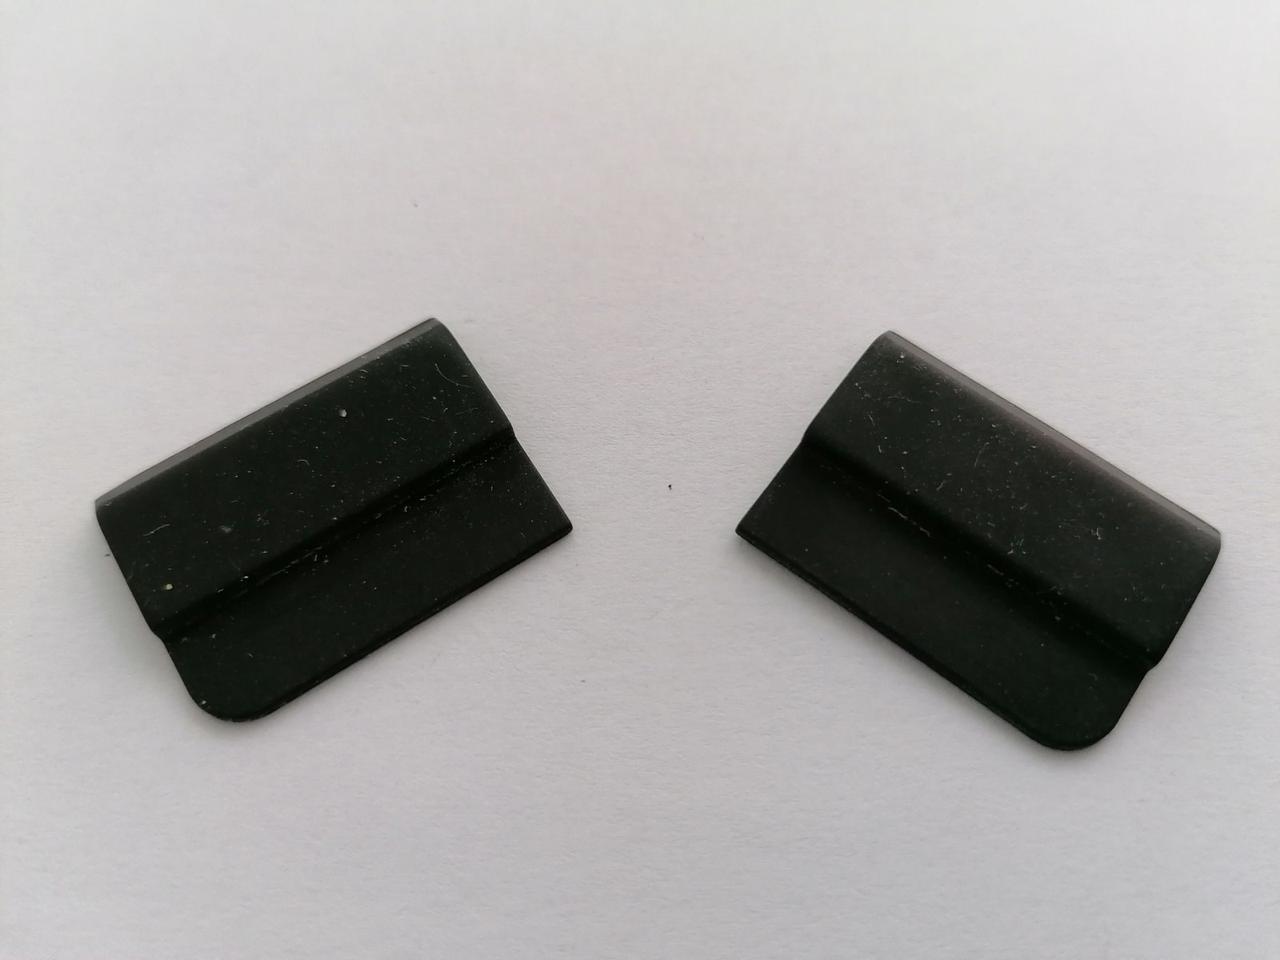 Б/У Резиновые ножки днища для ноутбука HP 250 G5, 255 G5, 250 G4, 255 G4, 15-AC, 15-AY, 15-AF